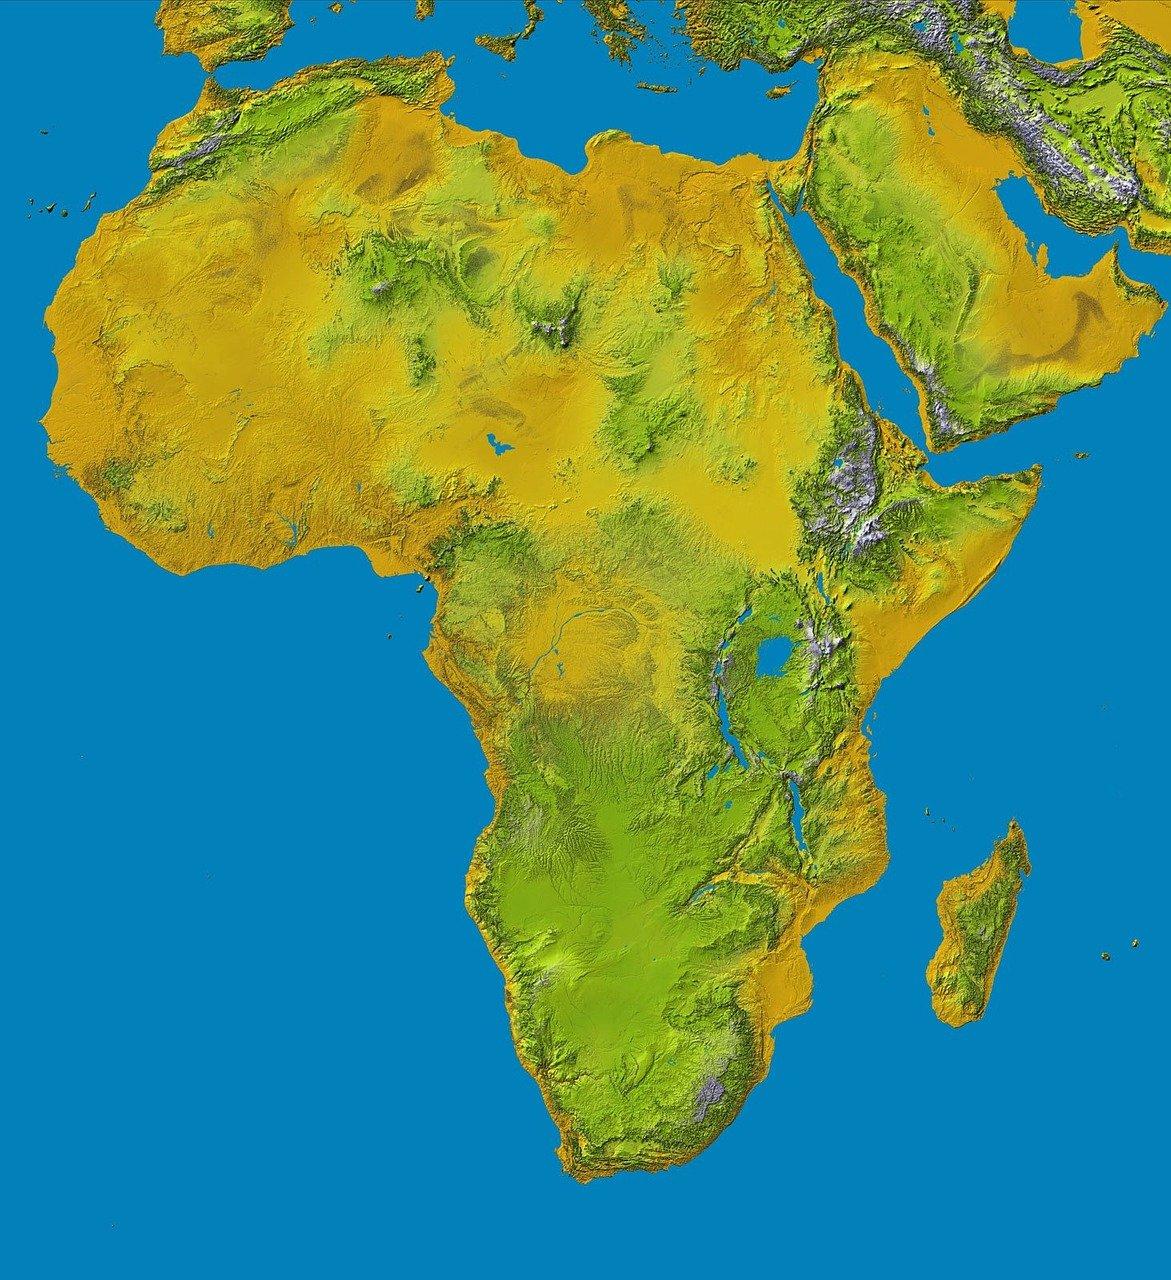 оперативный картинки карт африки это ласковая